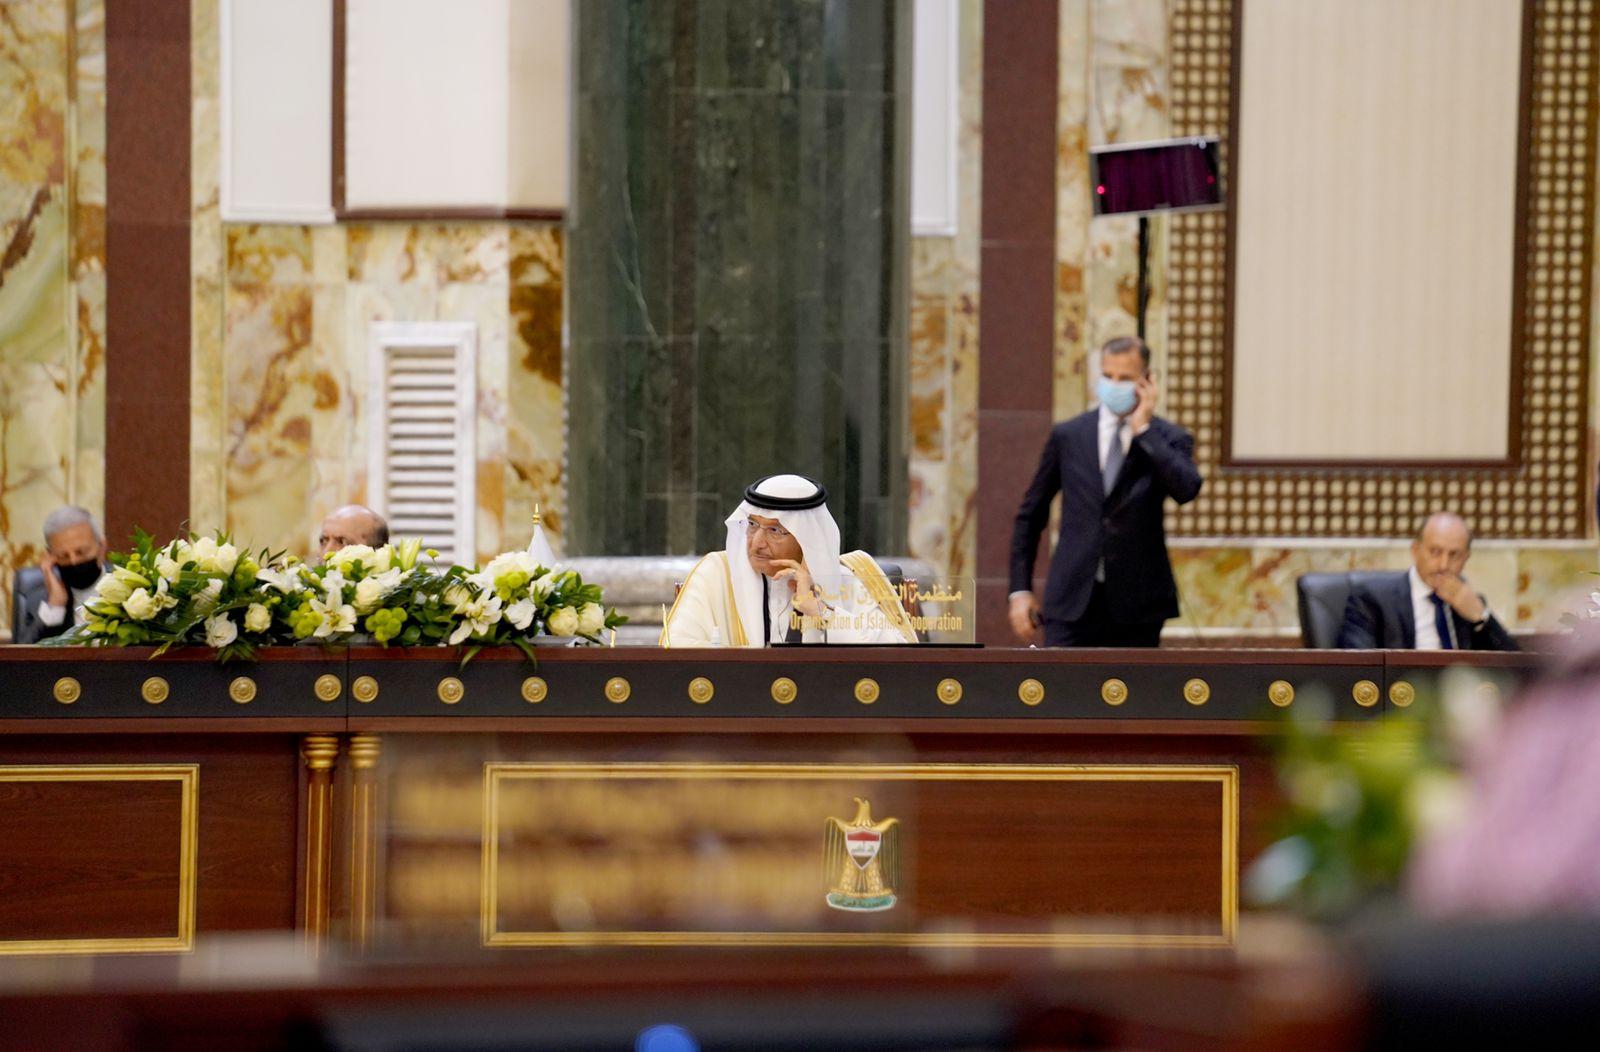 الأمين العام لمنظمة التعاون الإسلامي: العراق على أعتاب مرحلة جديدة تتطلب دعم الجميع